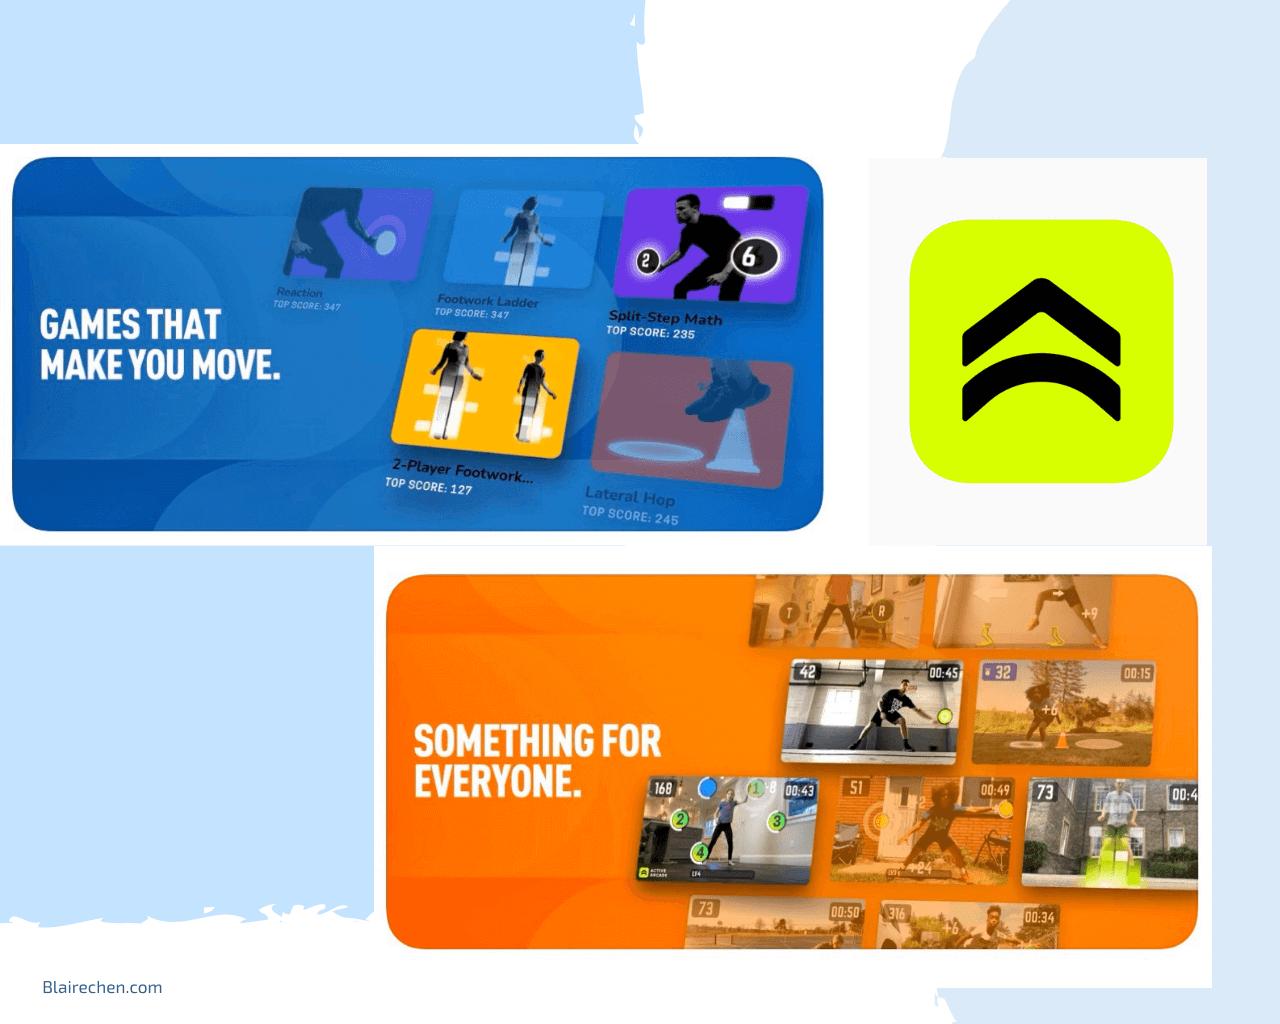 # 9種居家健身、運動遊戲推薦,讓你宅在家不出門也可以瘦!輕鬆玩遊戲也能爆汗!一起動起來!